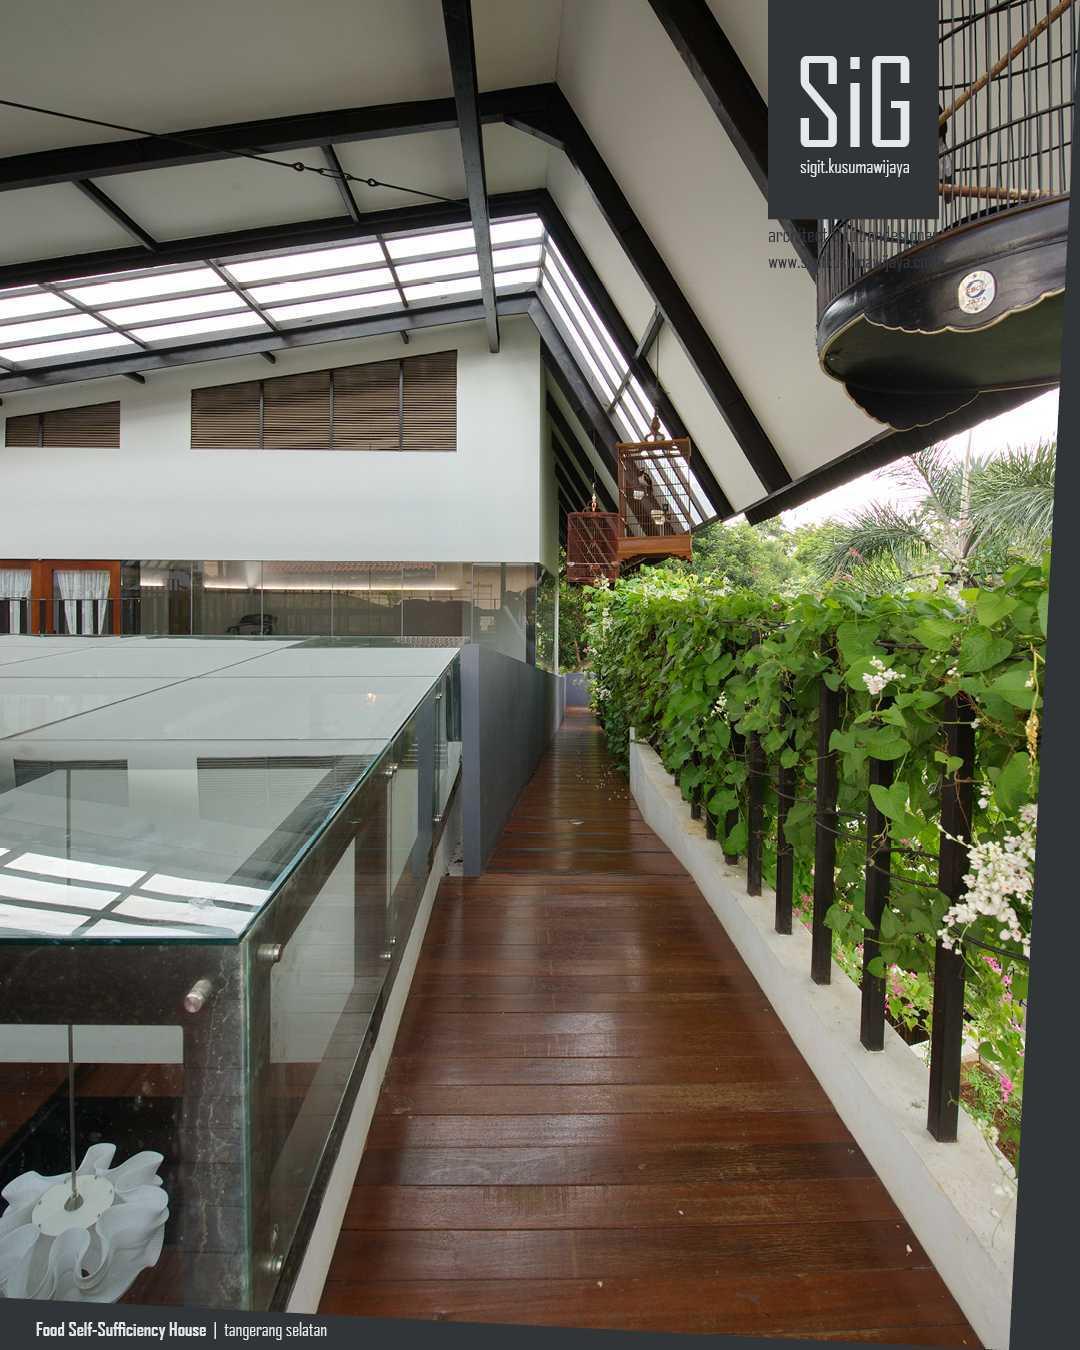 Konsep Urban Farming berarti juga menerapkan prinsip hemat energi dan peduli lingkungan. Penghematan energi dapat diwujudkan dengan memanfaatkan ventilasi silang untuk mengalirkan udara sekaligus akses pencahayaan alami. Rumah Kebun Mandiri Pangan tidak menempel dengan rumah tetangganya agar udara mudah mengalir. Selain itu, banyaknya void, dimensi bukaan yang lebar, dan adanya pemisahan antar dua massa bangunan, mempermudah terbentuknya ventilasi silang.